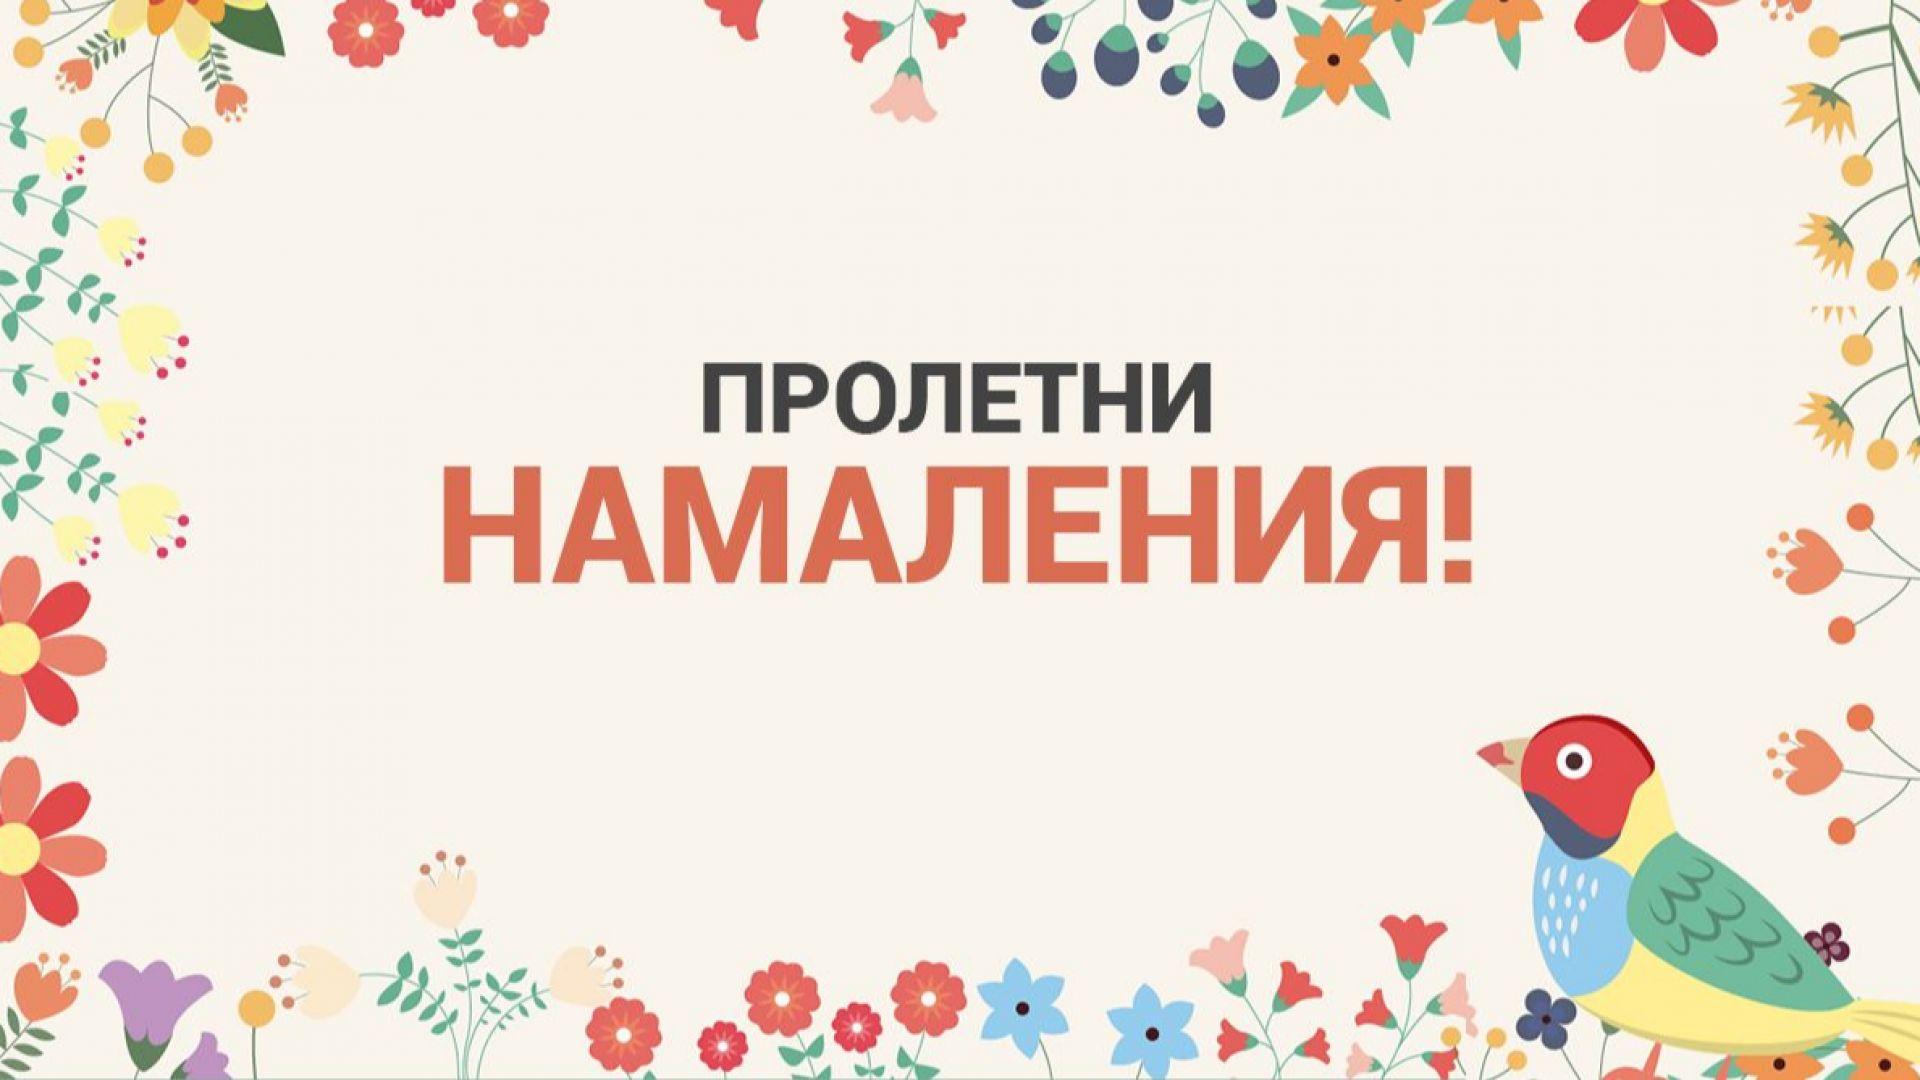 Кредитна компания MiniZaem.bg стартира Великденска промоционална кампания с големи отстъпки